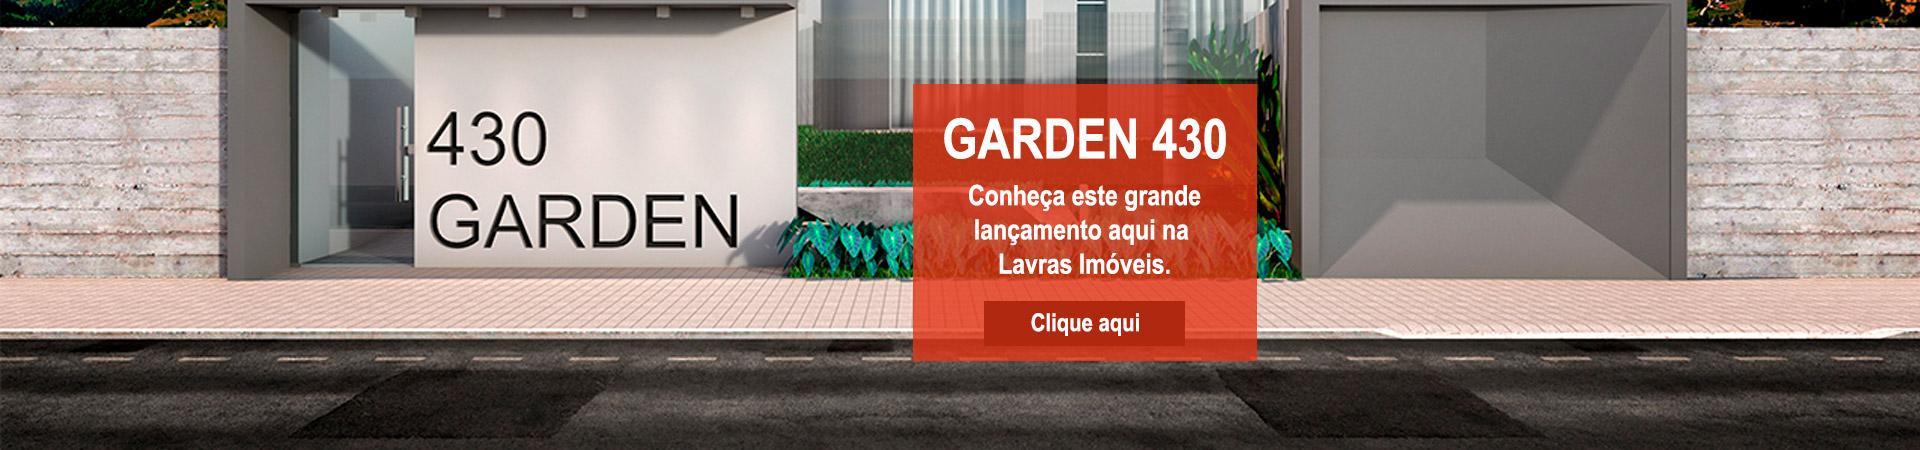 Garden 430